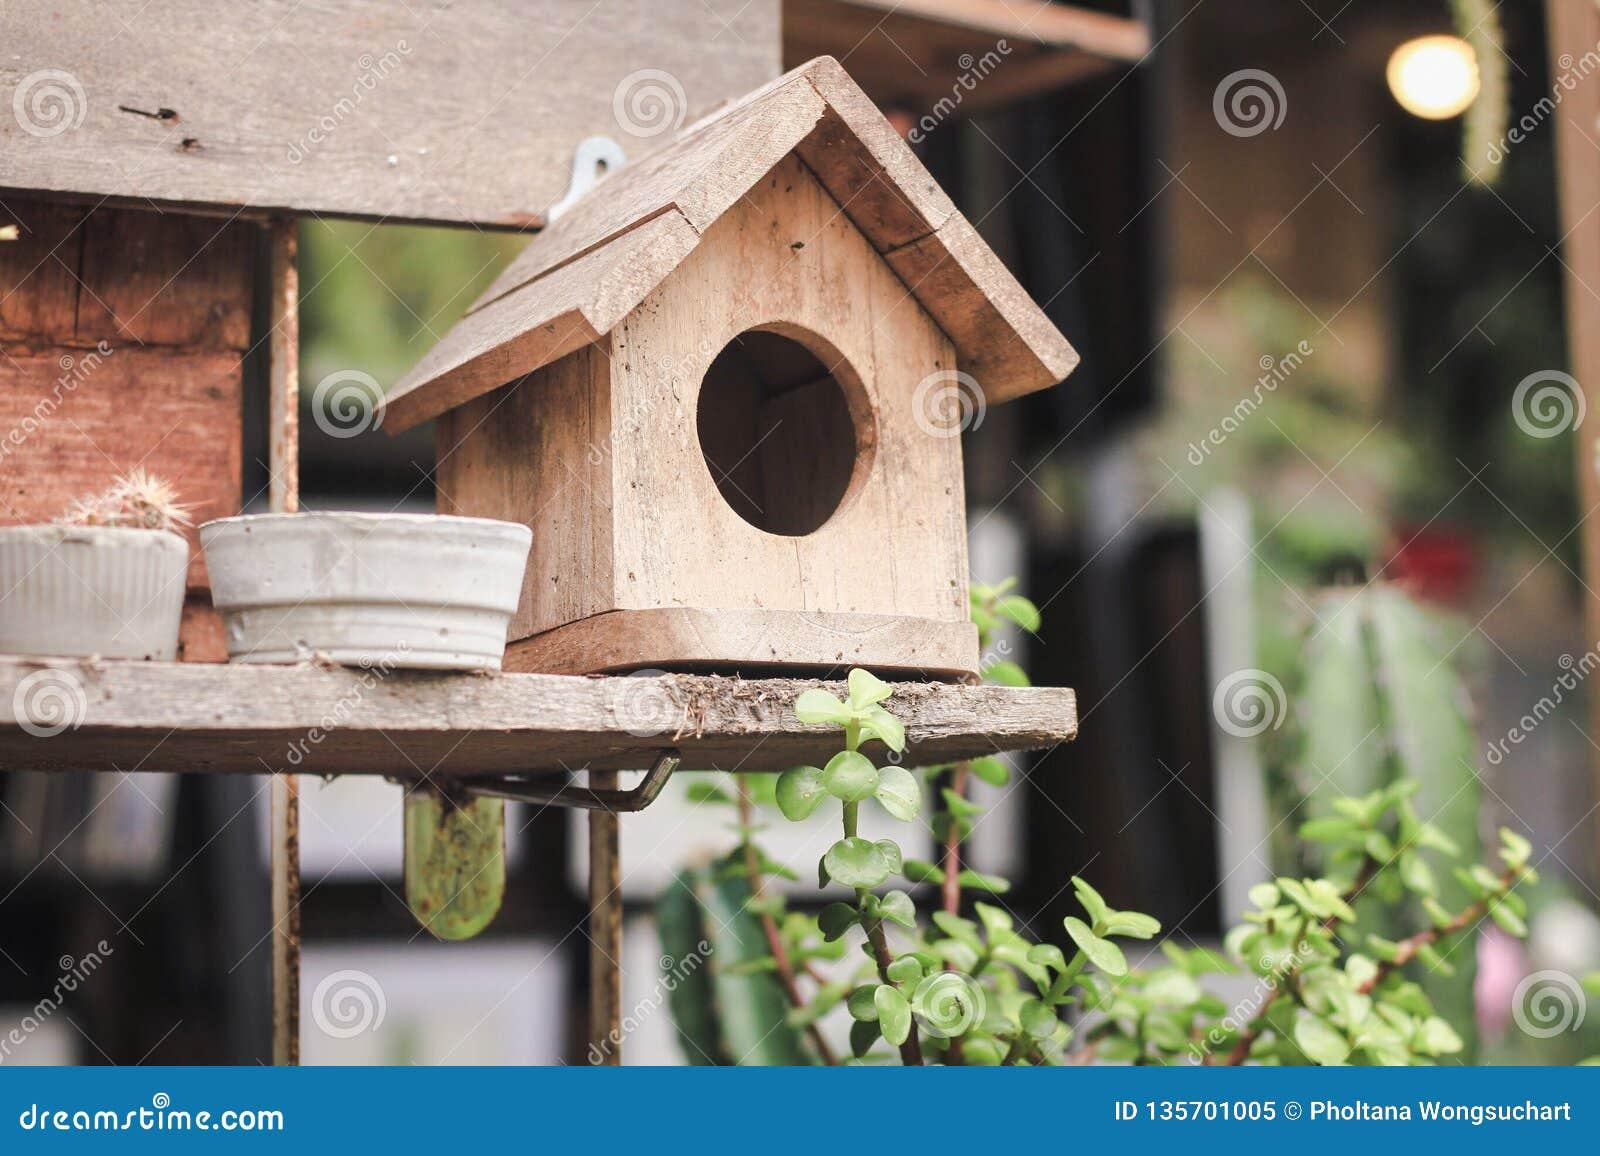 Ptasi dom zrobi naturalny farbujący drewno umieszczający na drewnianych półkach